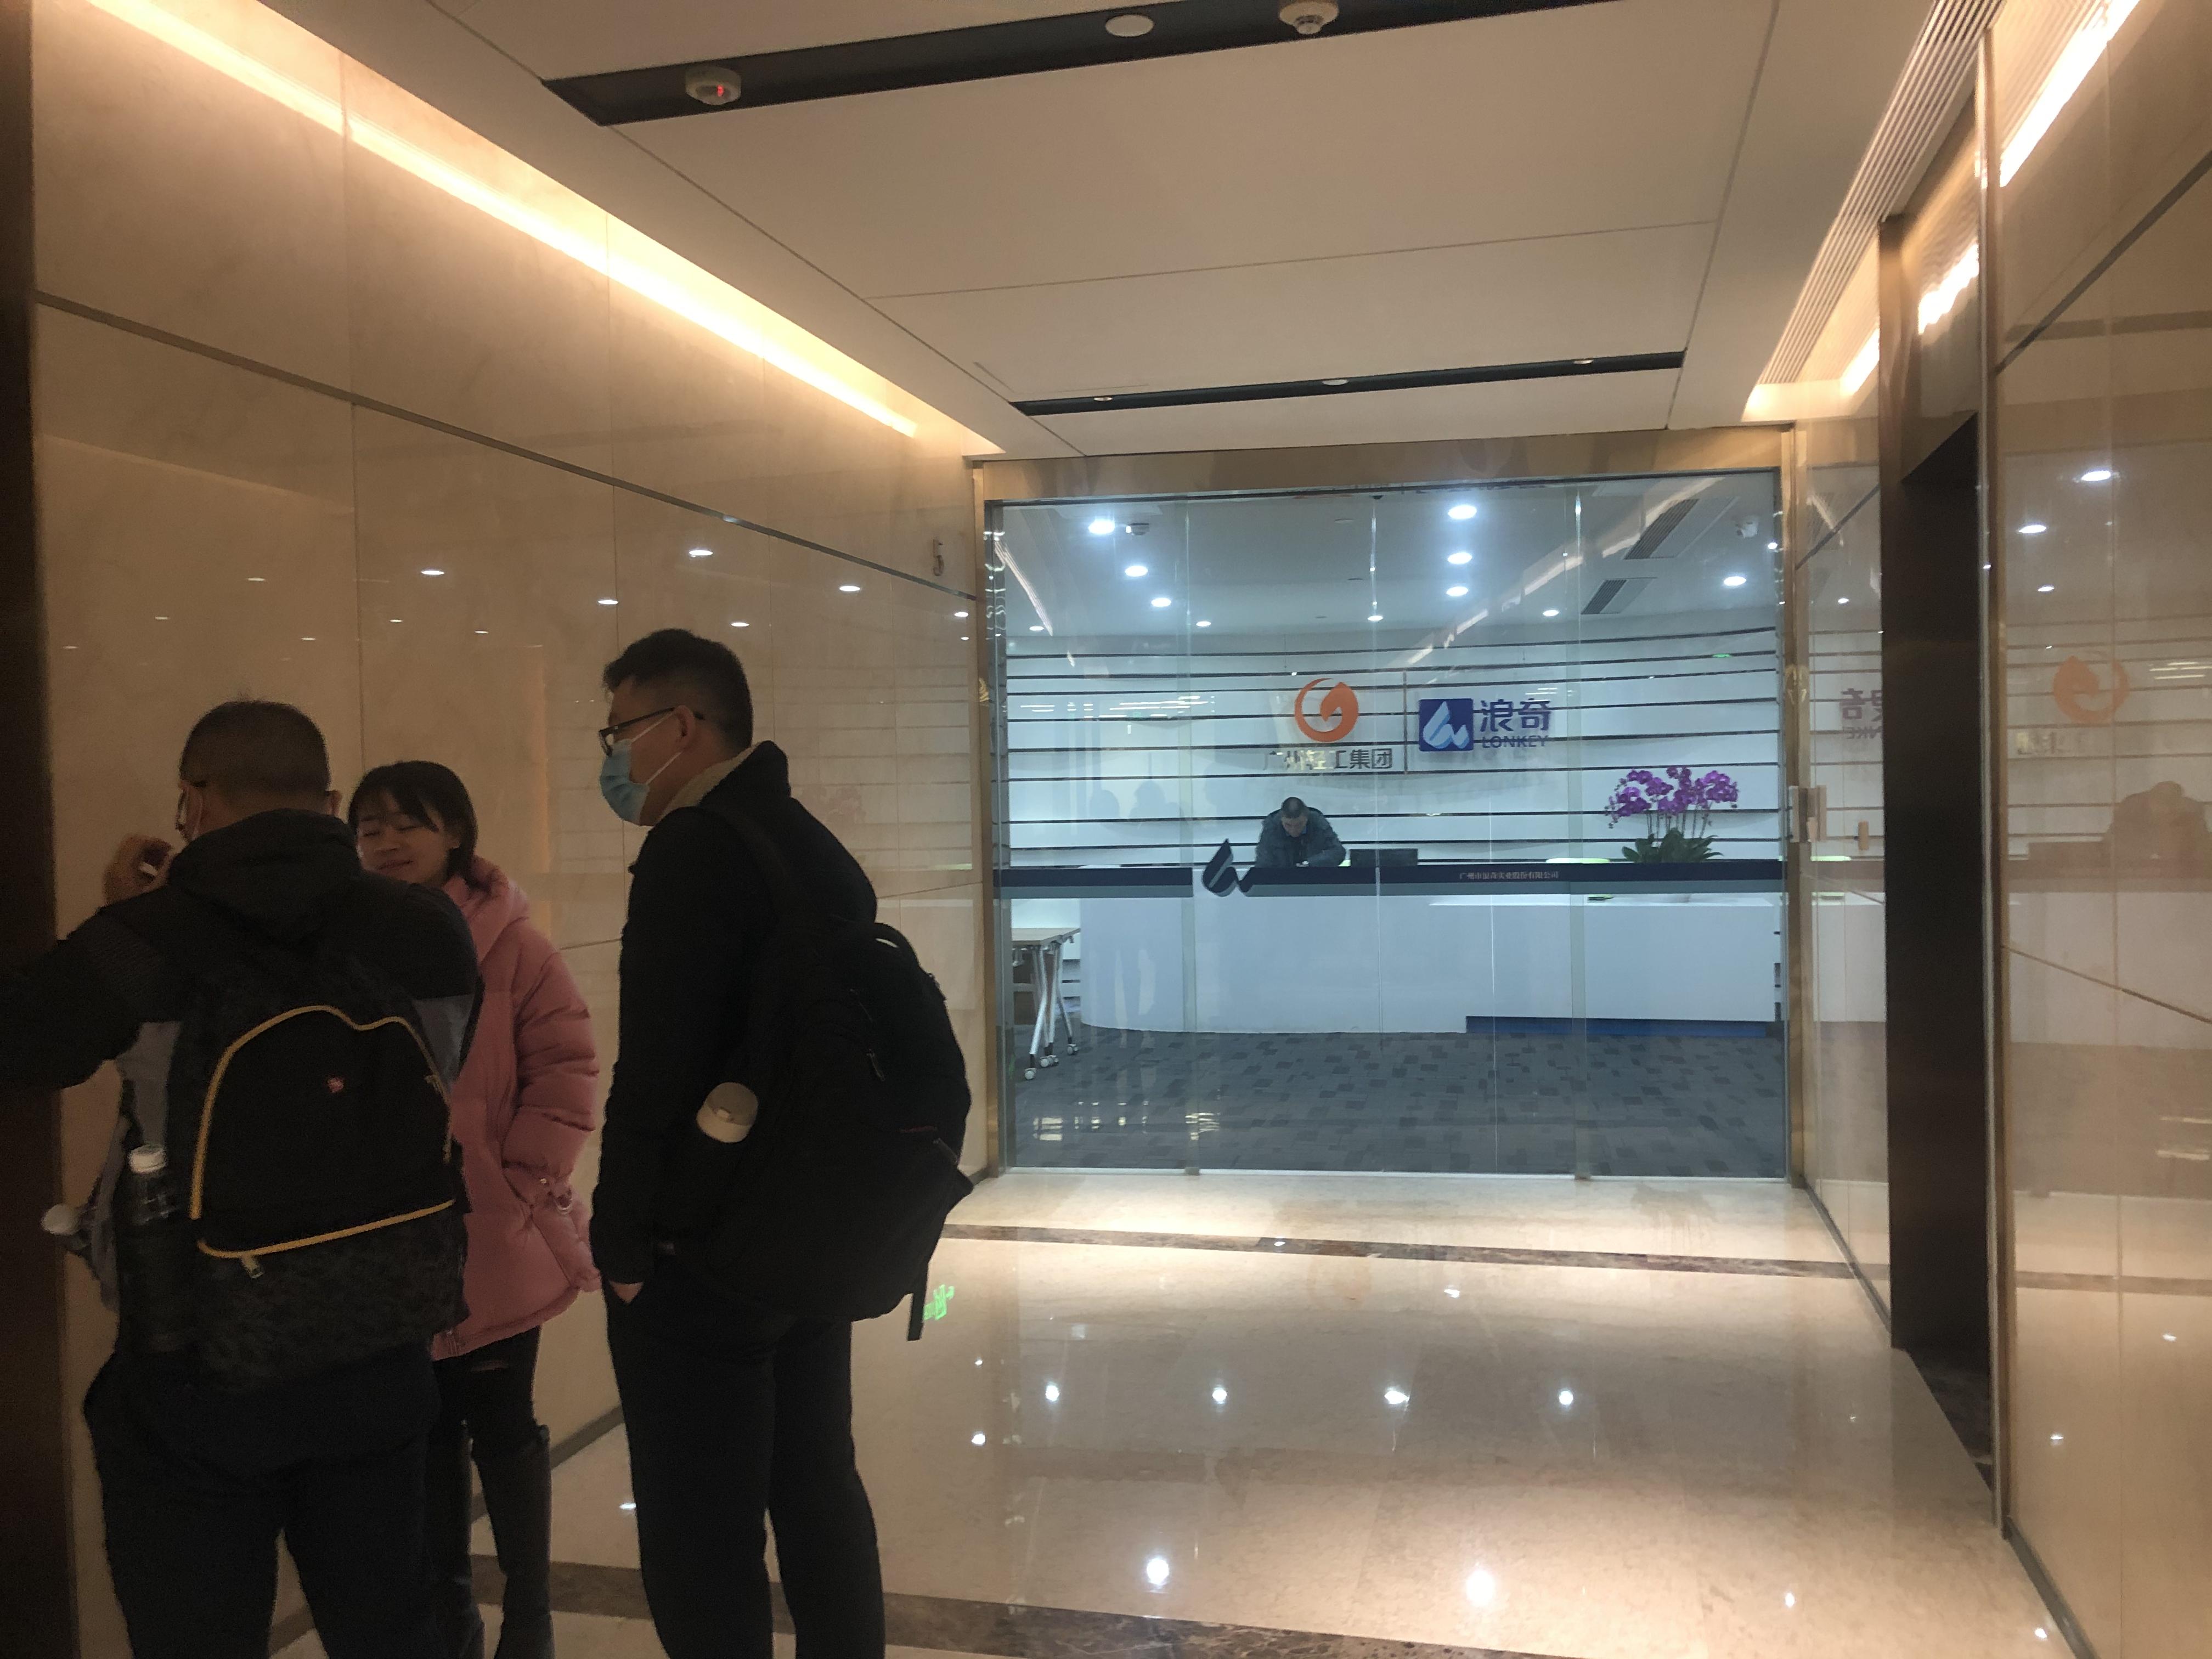 风口浪尖下广州浪奇仍维持正常运转 中小投资者可通过民事诉讼维权